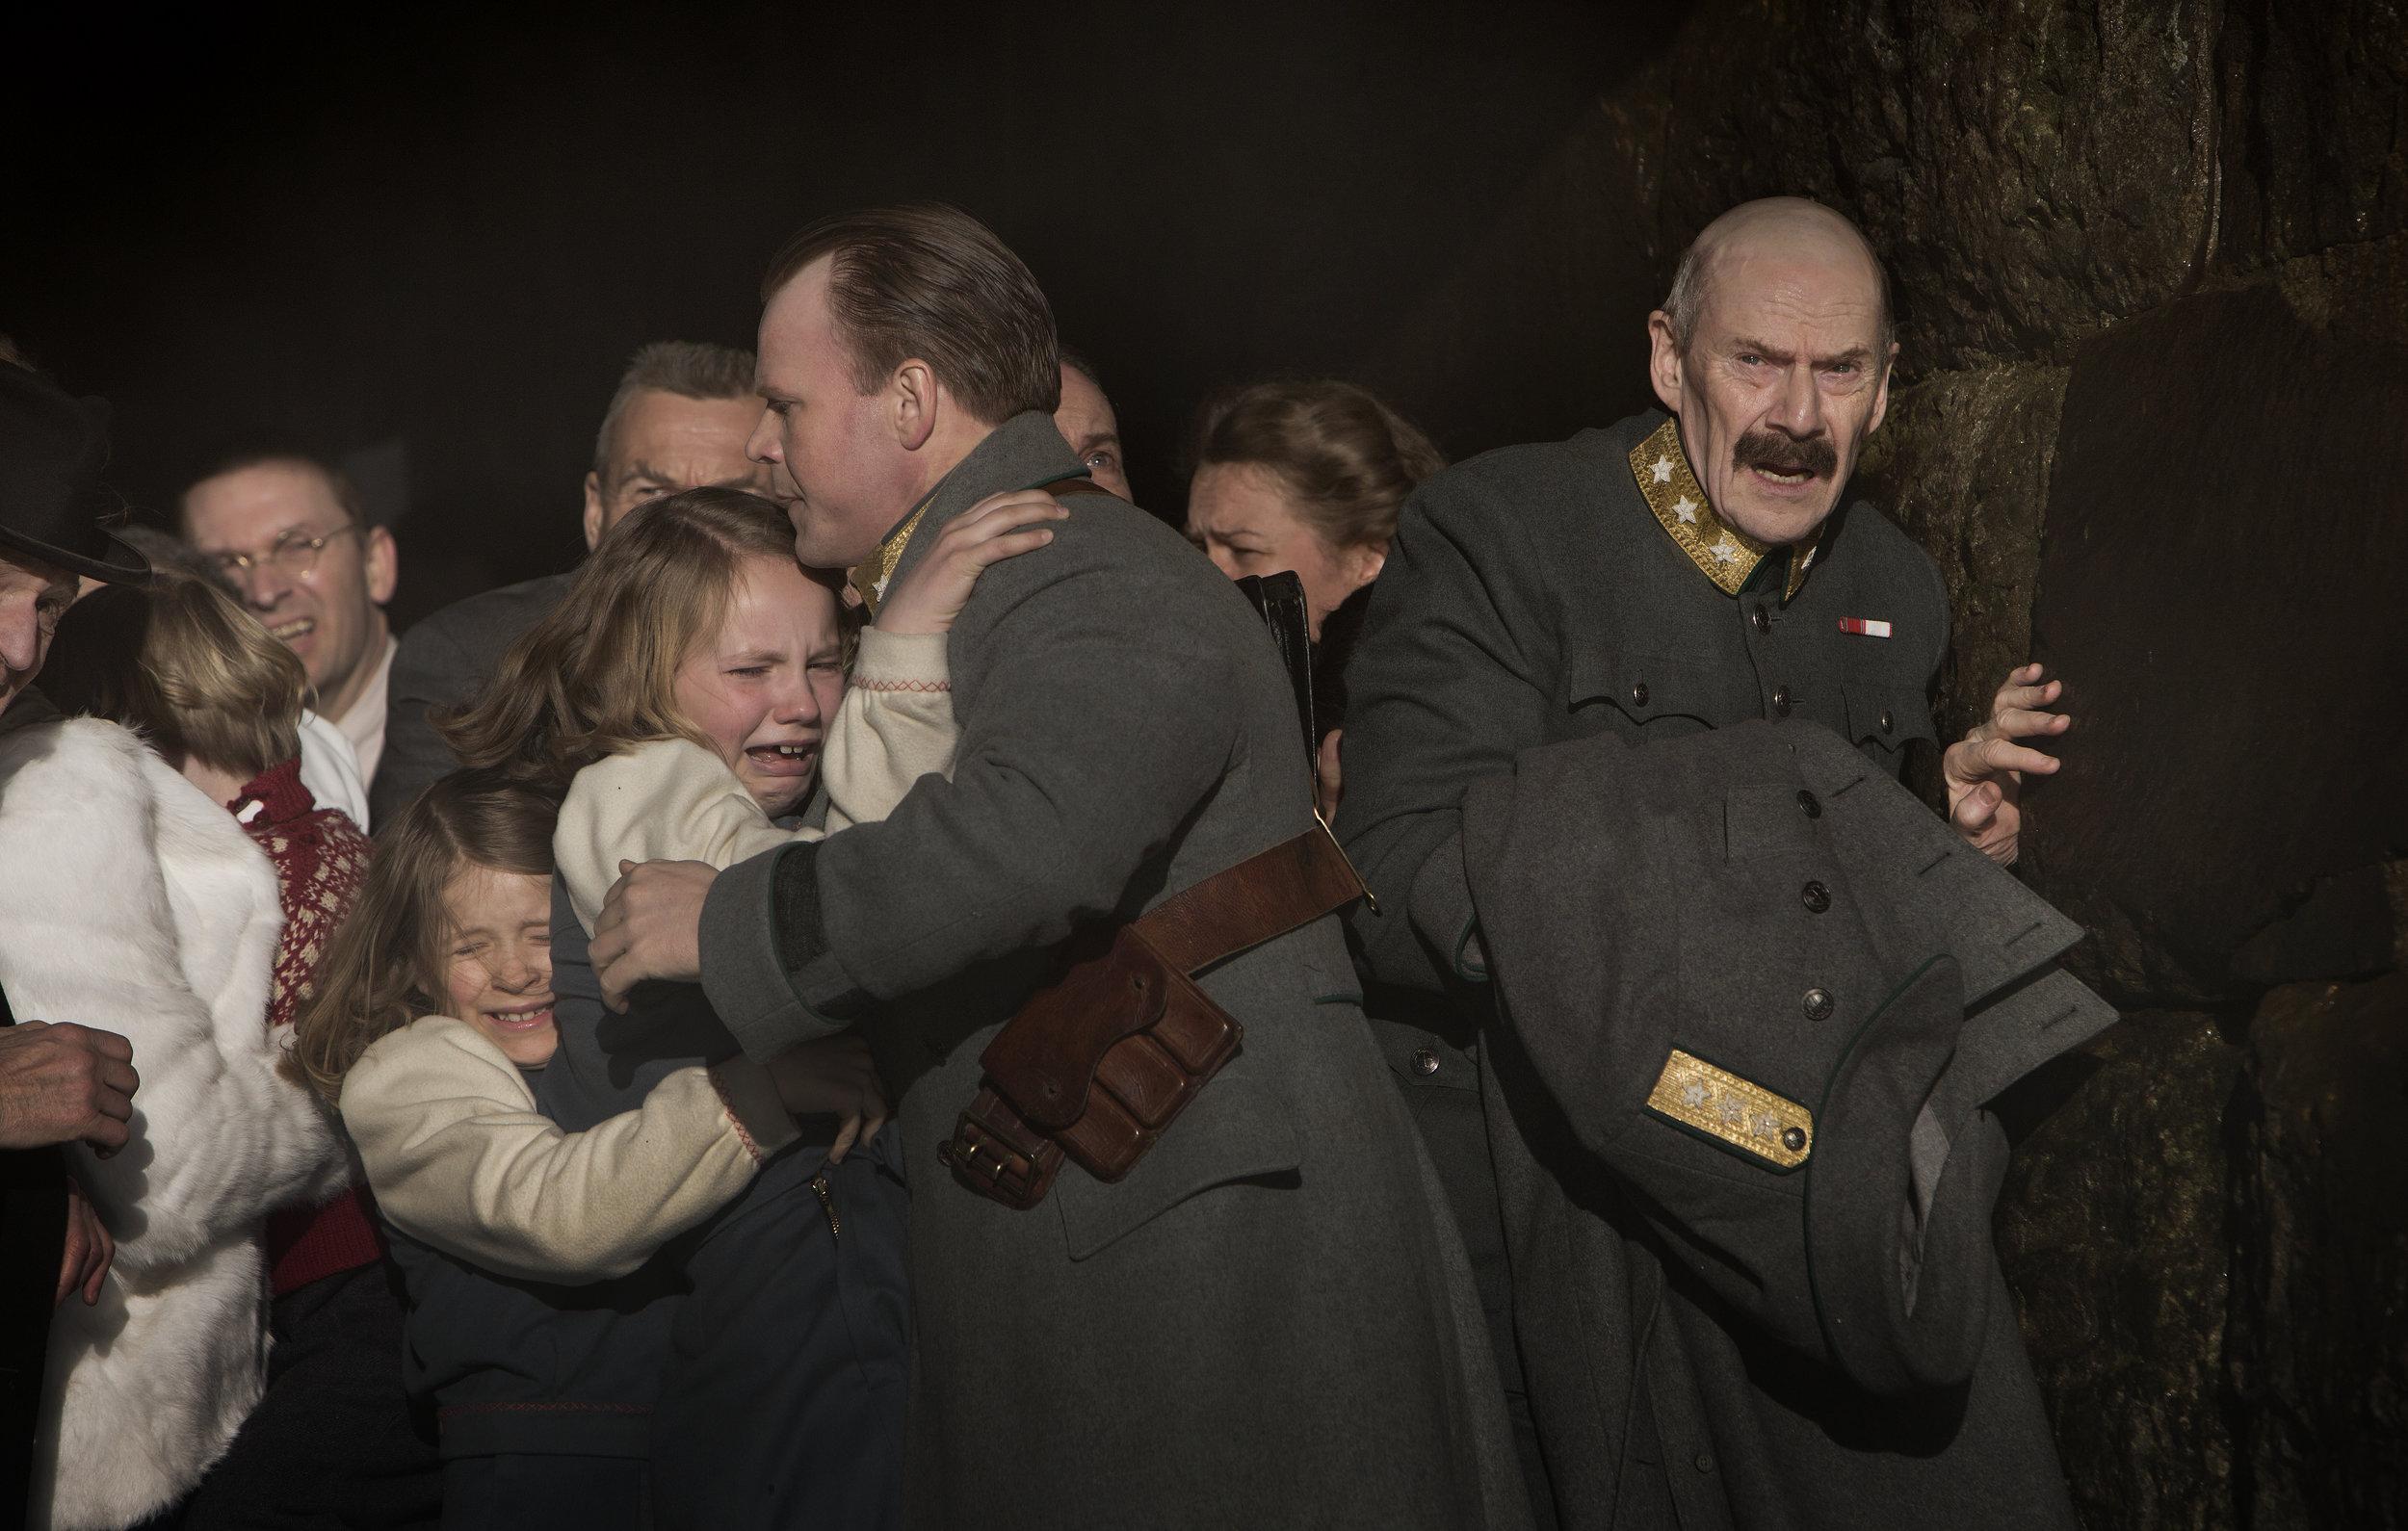 Kronprins Olav (Anders Baasmo Christiansen) og kong Haakon (Jesper Christensen) må ta farvel med prinsebarna.